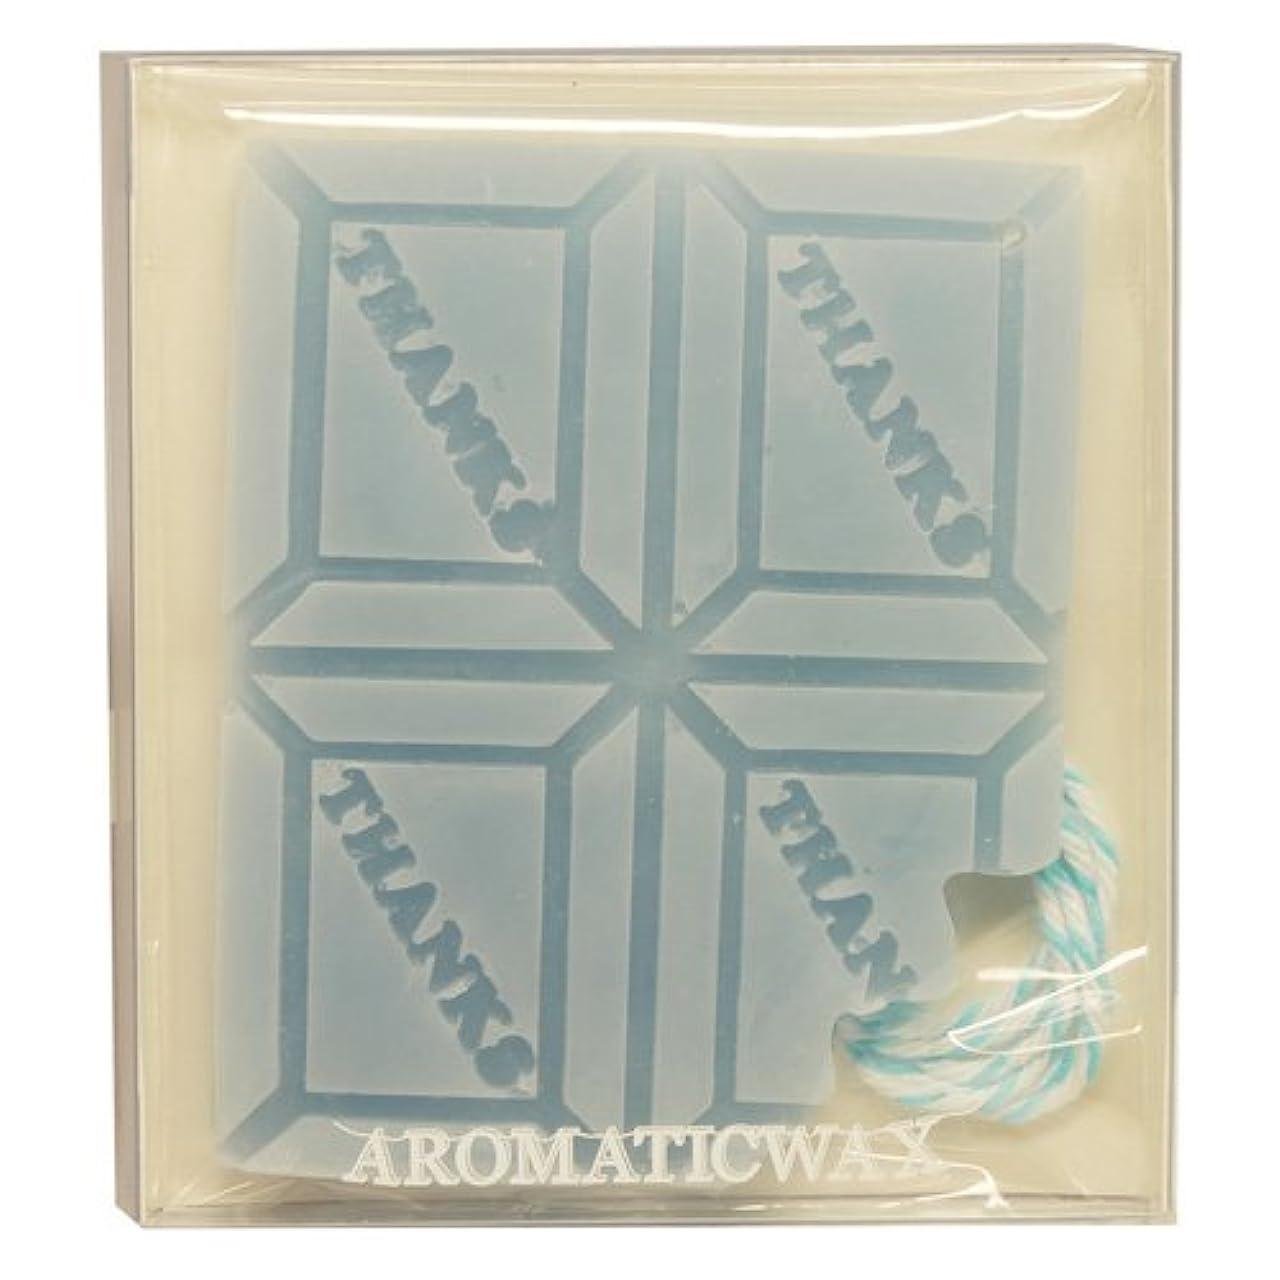 追い払う集中多様なGRASSE TOKYO AROMATICWAXチャーム「板チョコ(THANKS)」(BL) ローズマリー アロマティックワックス グラーストウキョウ